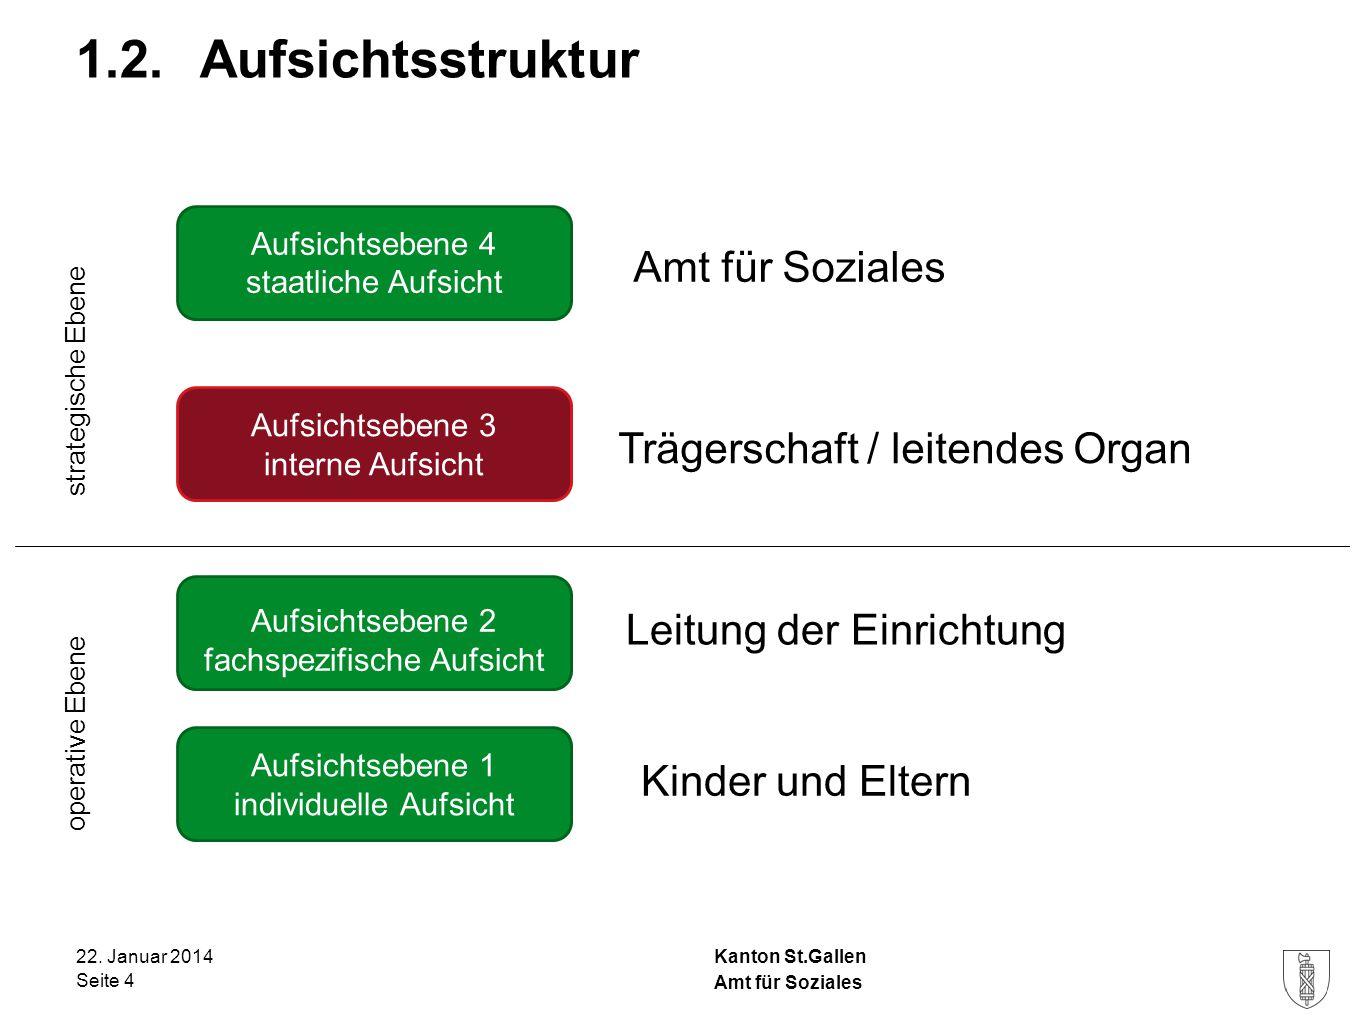 Kanton St.Gallen 1.2. Aufsichtsstruktur 22. Januar 2014 Seite 4 Amt für Soziales Aufsichtsebene 4 staatliche Aufsicht Aufsichtsebene 3 interne Aufsich